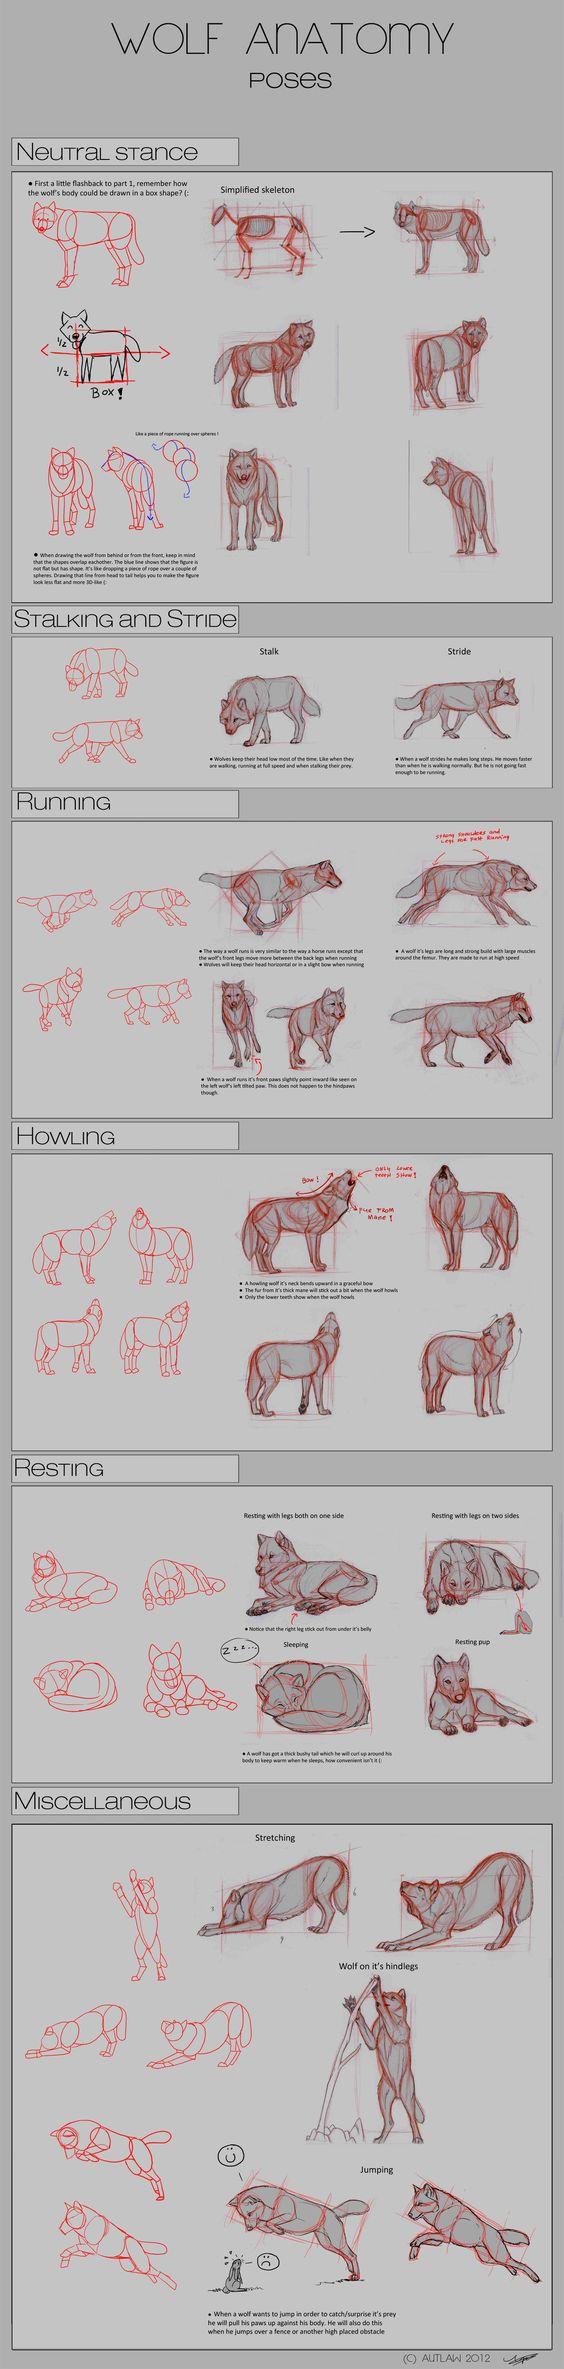 Lobos - anatomia